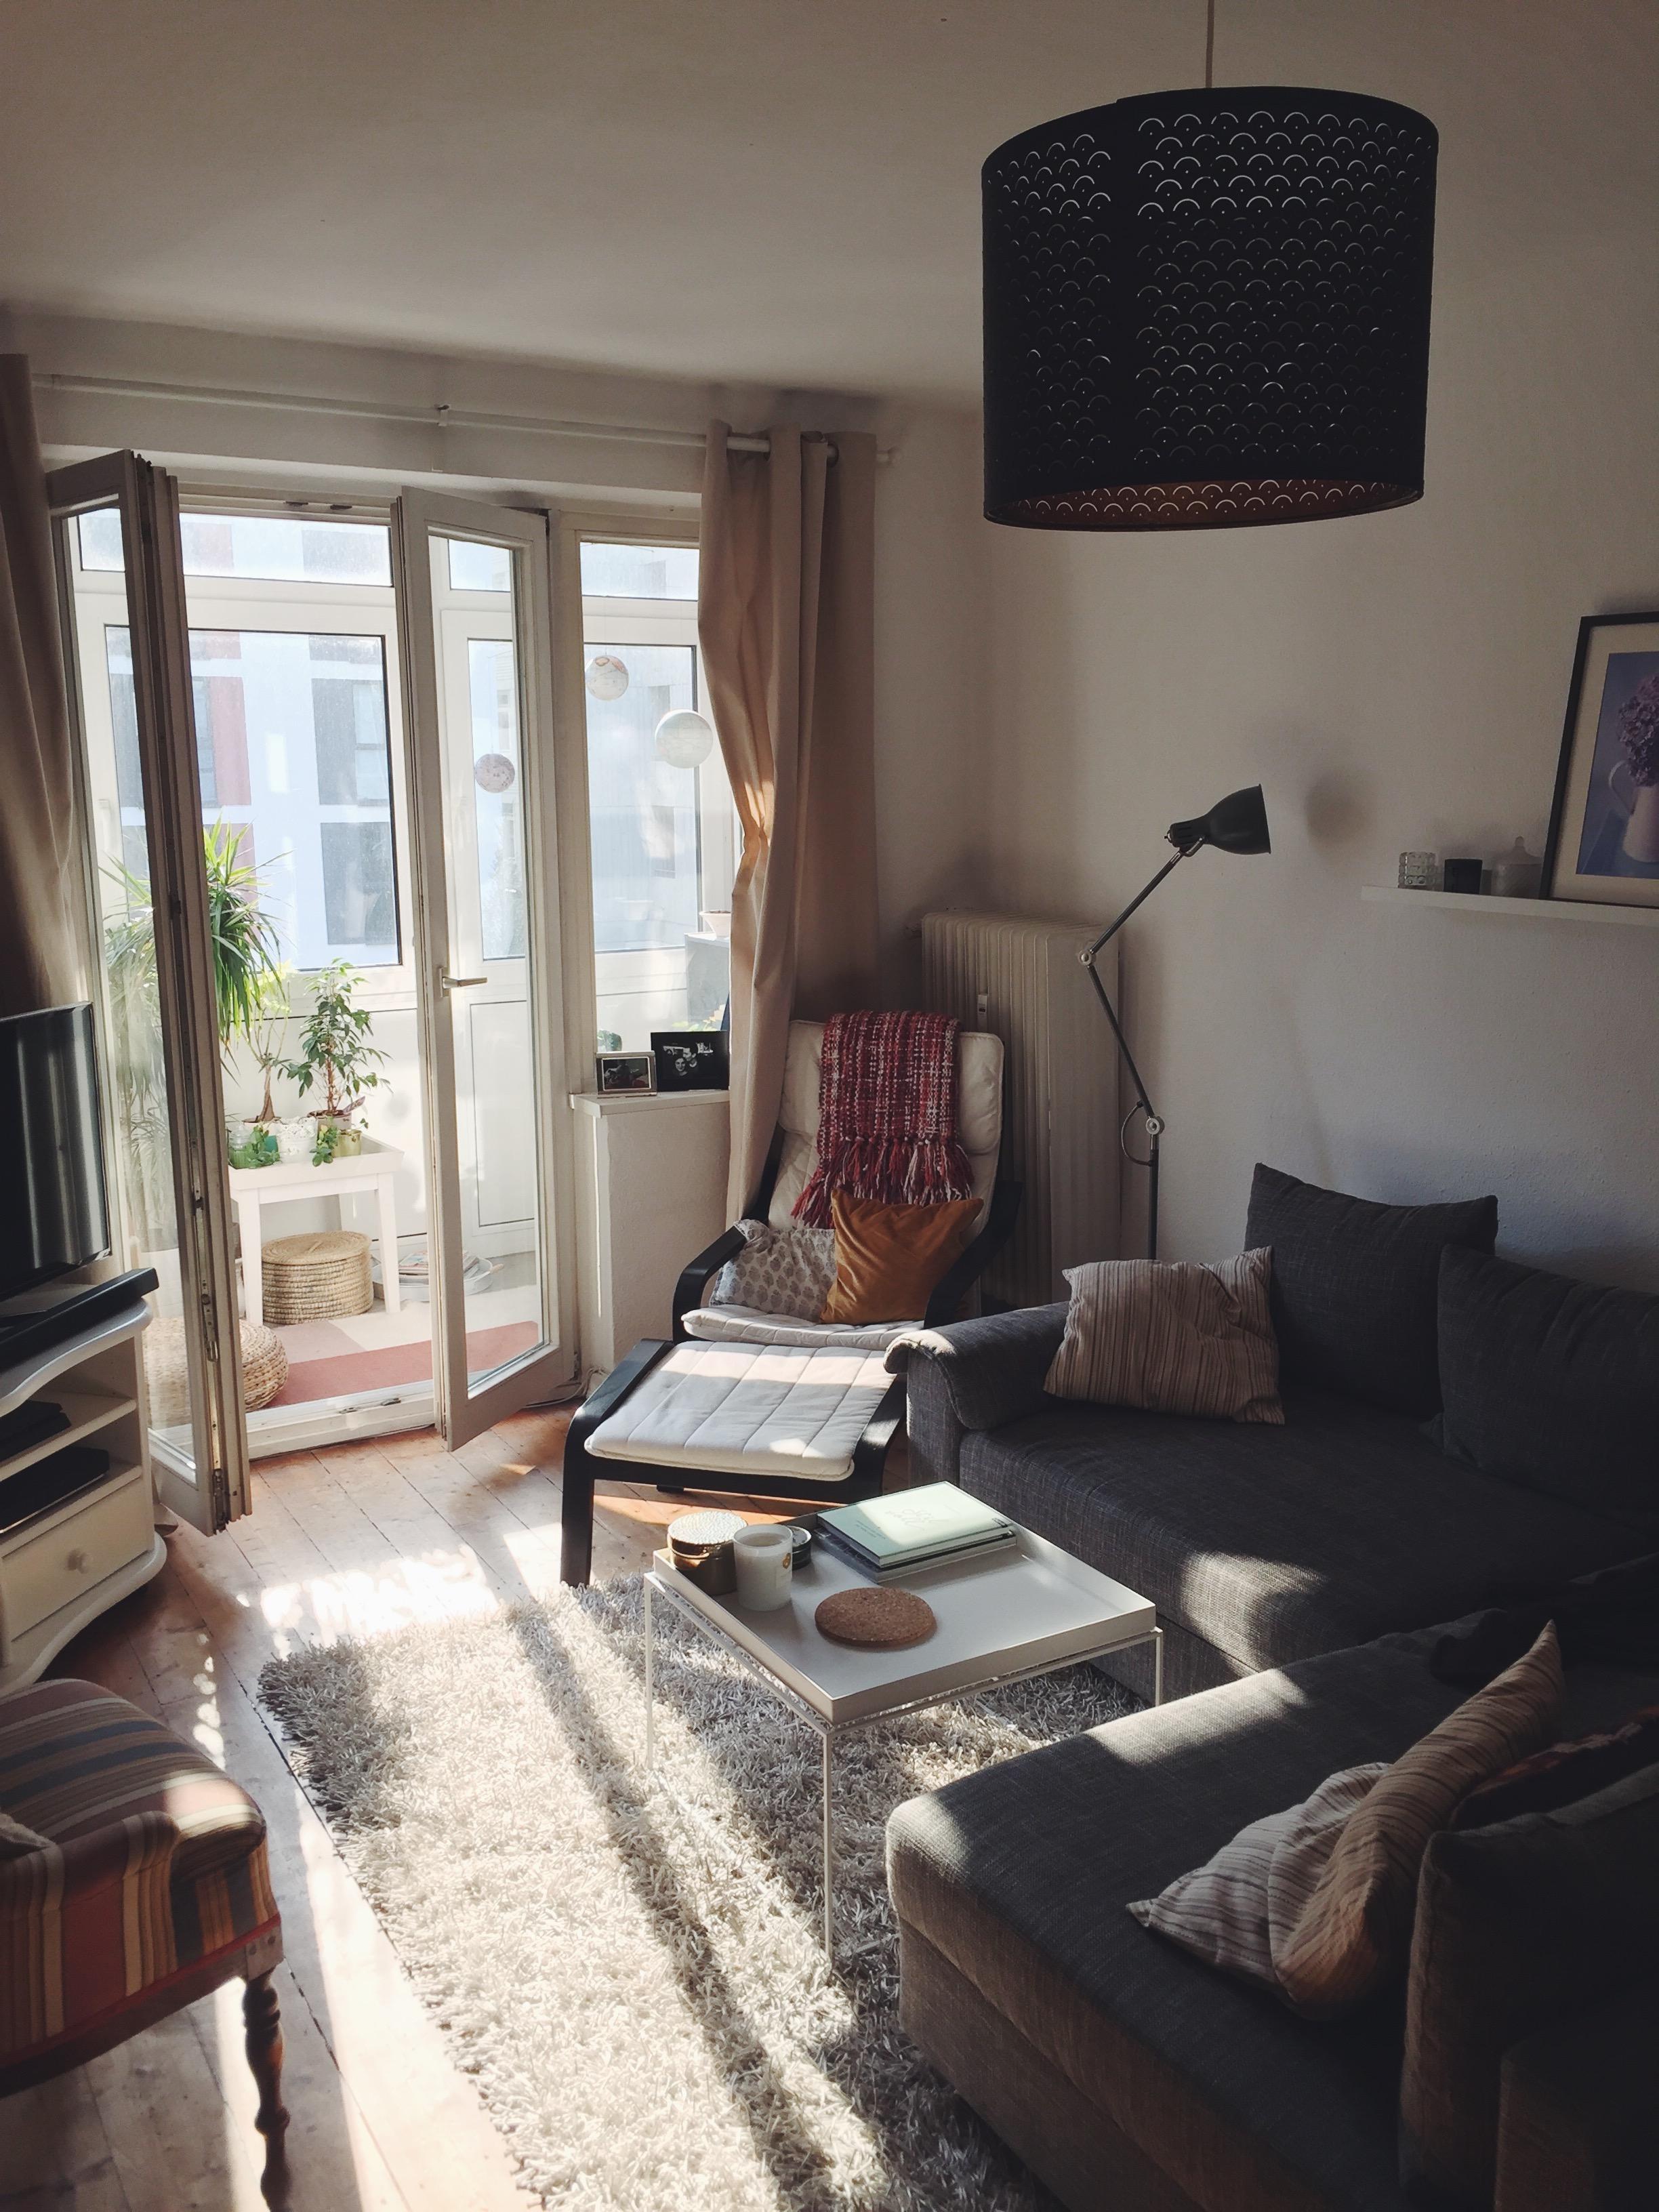 Kleine Wohnung ganz groß: So funktioniert's!